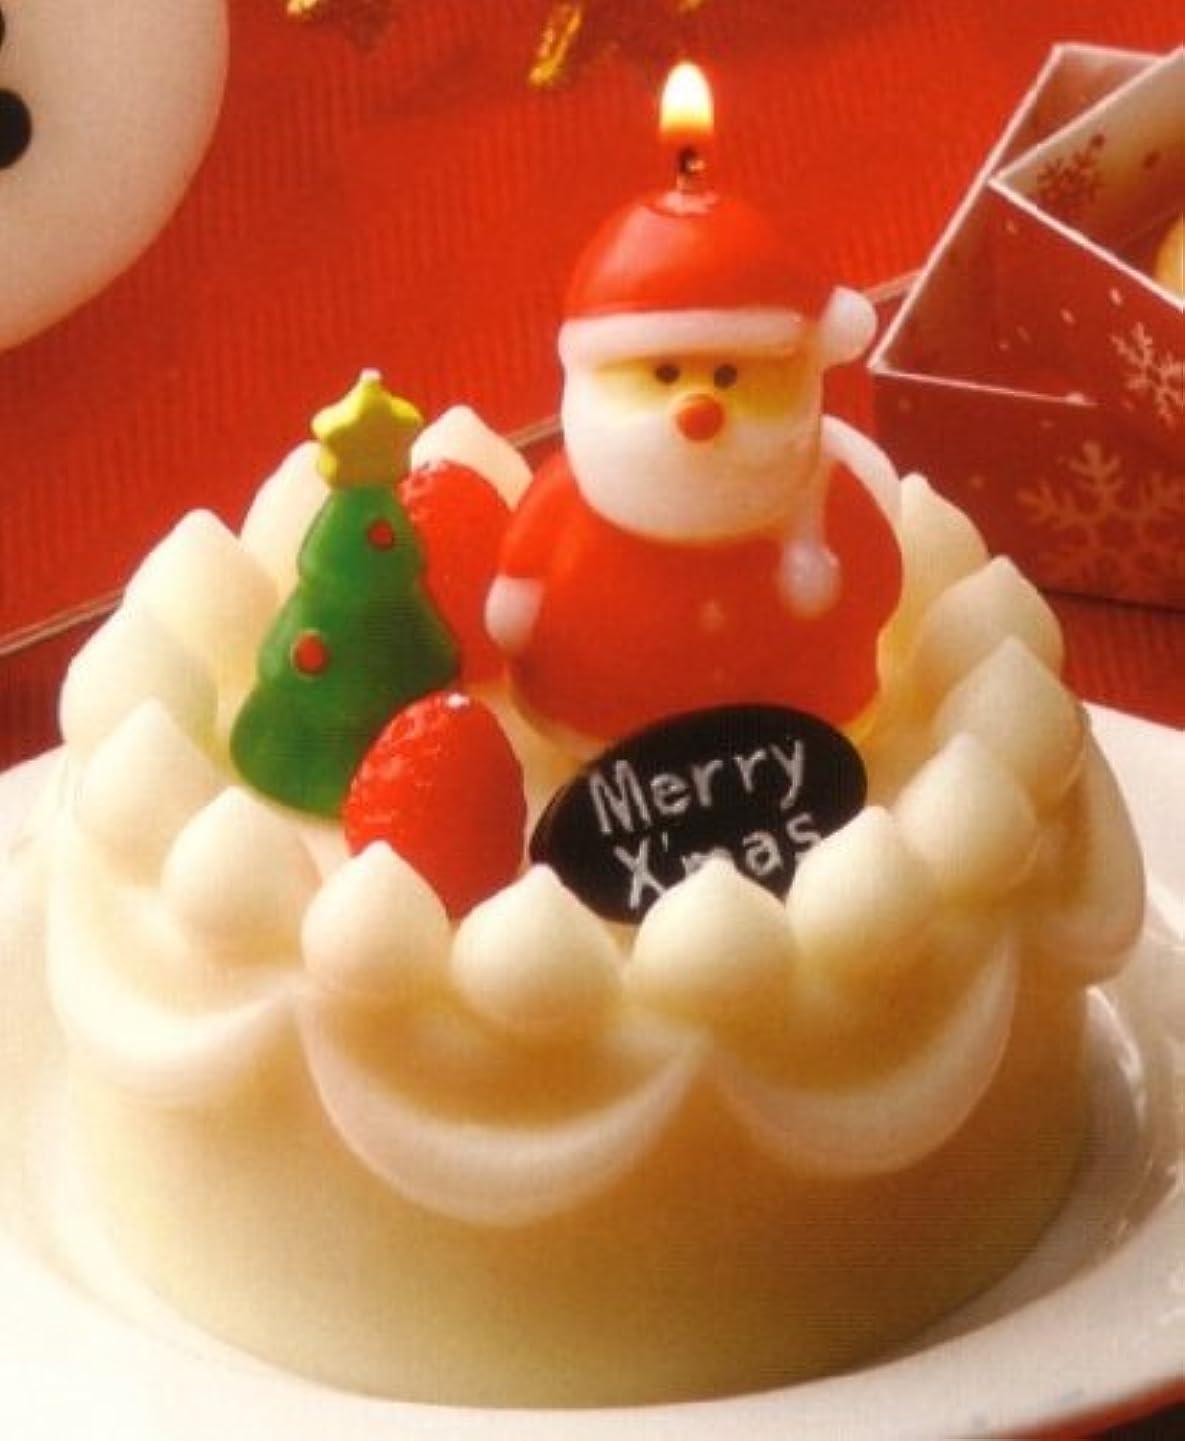 削減しなやかな数学者クリスマスデコケーキキャンドル サンタ